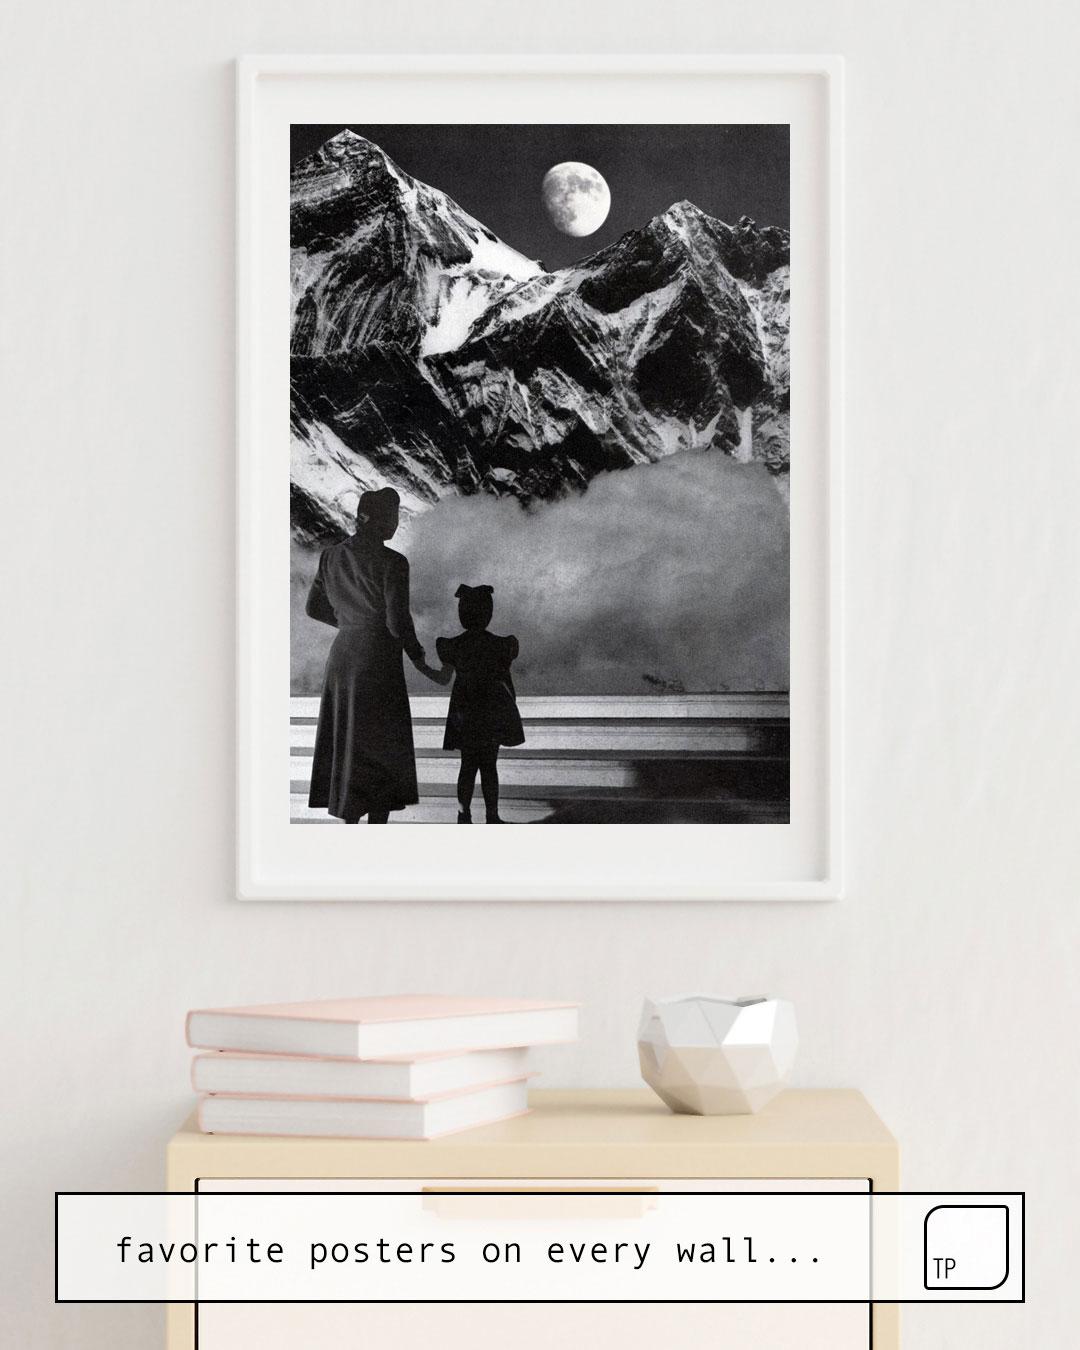 La photo montre un exemple d'ameublement avec le motif HOLY MOUNTAIN par Beth Hoeckel comme peinture murale